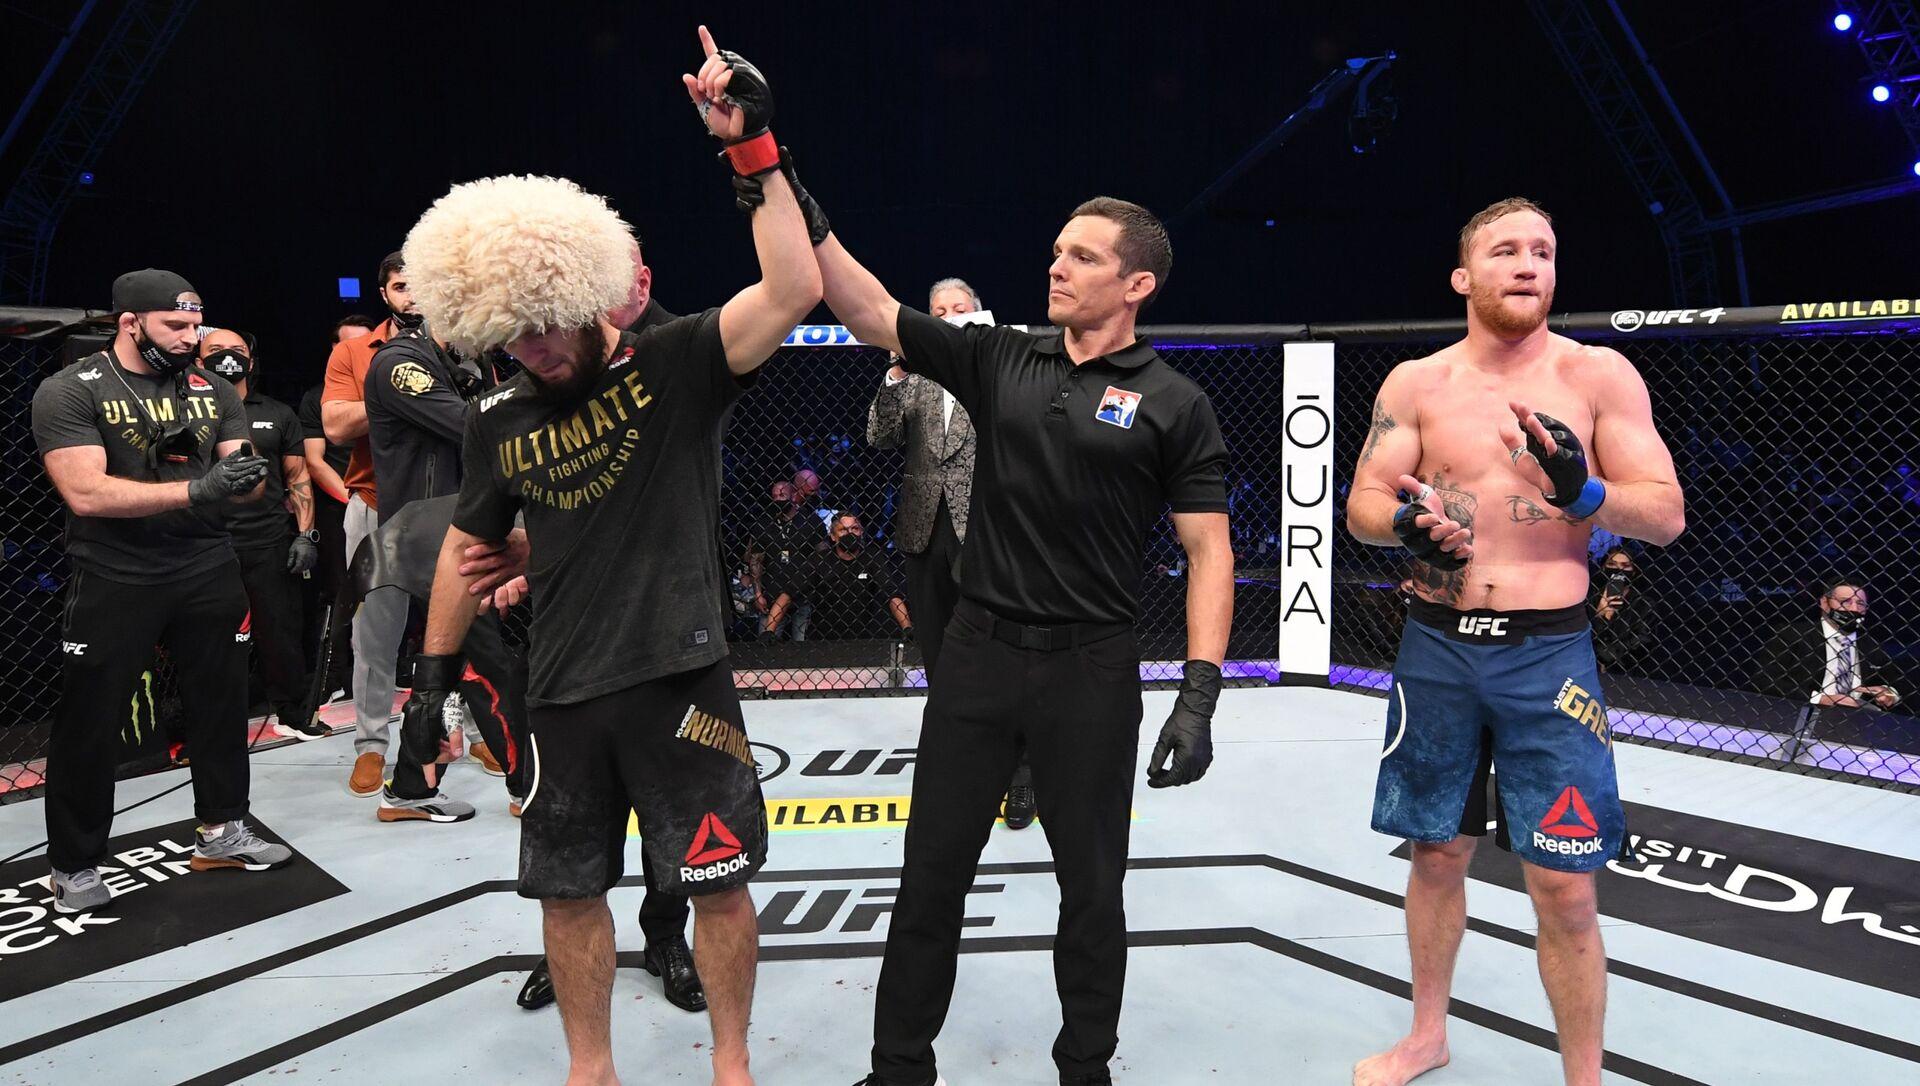 Хабиб Нурмагомедов защитил титул чемпиона UFC в легком весе - Sputnik Таджикистан, 1920, 09.02.2021